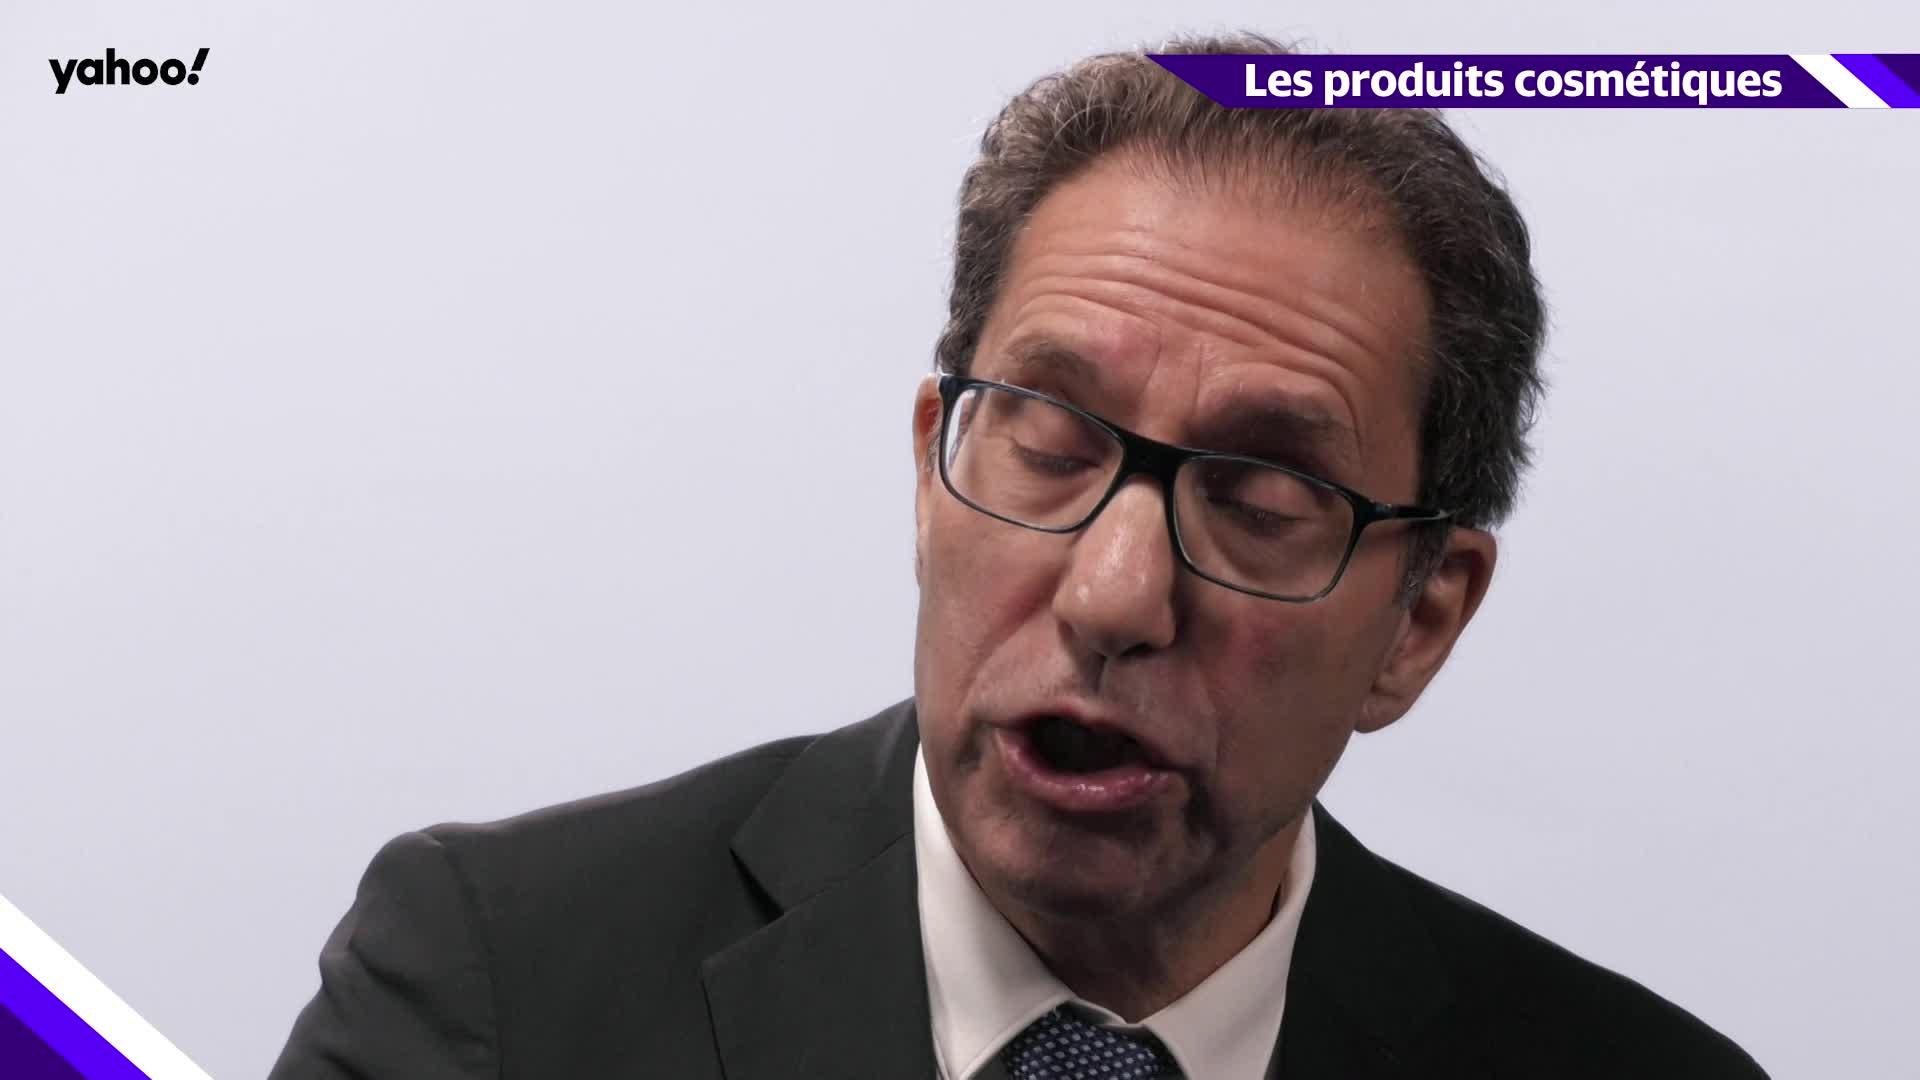 """Carnet de Santé - Dr Christian Recchia : """"Les déodorants ? C'est une soupe dangereuse pour la santé"""""""